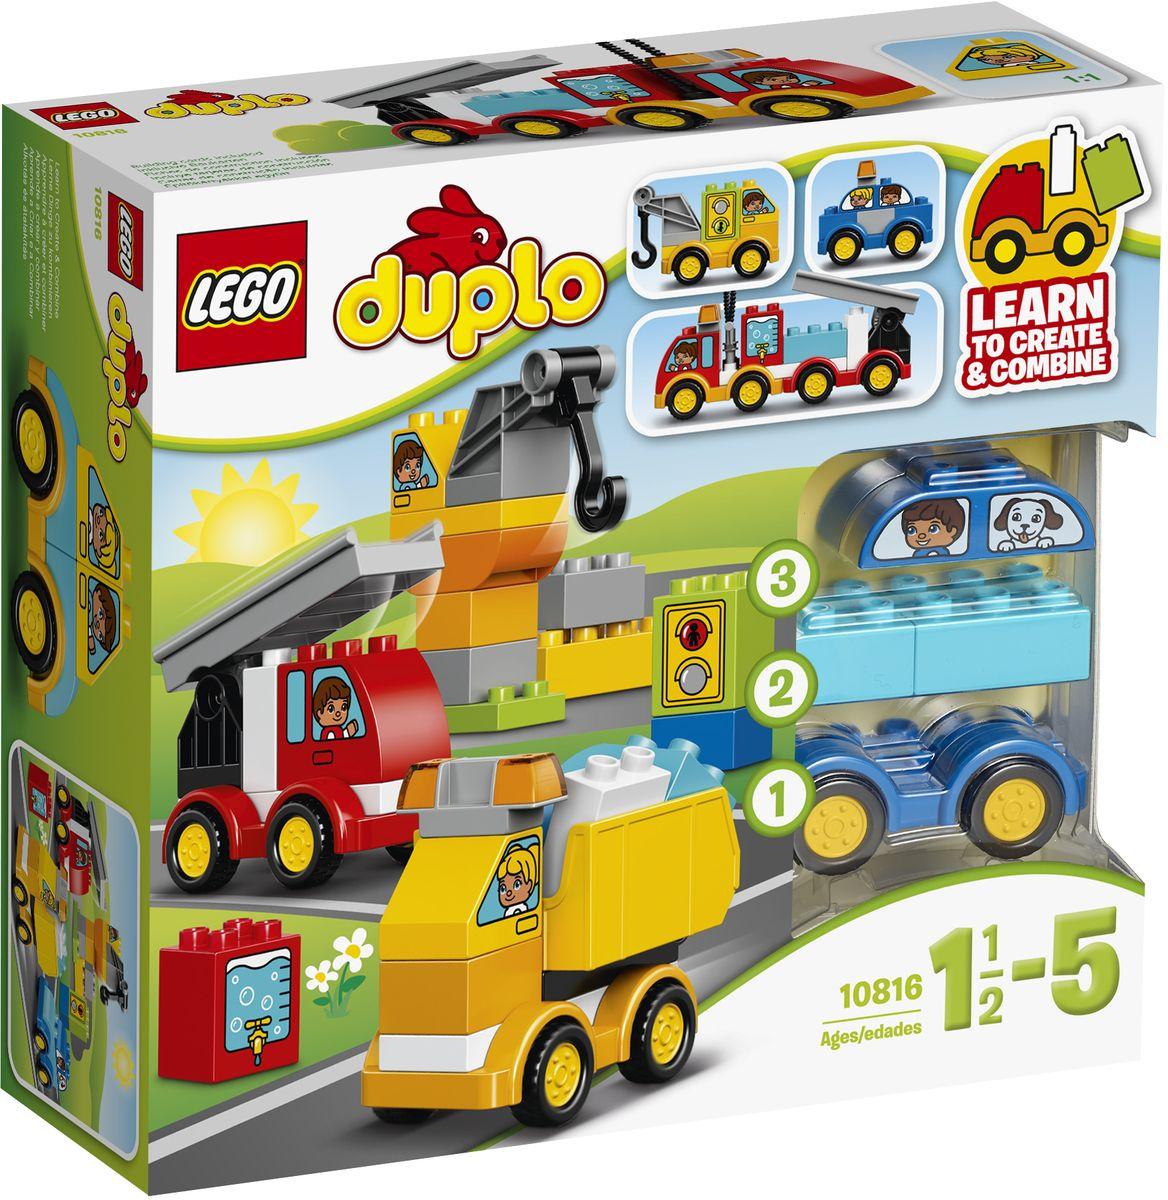 """С помощью конструктора LEGO DUPLO """"Мои первые машинки"""" малыши будут учиться комбинировать колёсную базу и красочные кубики для создания автомобилей всех форм и размеров. Этот вдохновляющий набор предлагает бесконечные варианты для творчества и создания историй. Тут есть декорированные кубики и строительные карточки, которые помогут придумывать новые идеи. Крупные кубики LEGO DUPLO специально разработаны безопасными и удобными для маленьких ручек. В процессе игры с конструкторами LEGO дети приобретают и постигают такие необходимые навыки как познание, творчество, воображение. Обычные наблюдения за детьми показывают, что единственное, чему они с удовольствием посвящают время, - это игры. Игра - это состояние души, это веселый опыт познания реальности. Играя, дети создают собственные миры, осваивают их, а познавая - приобретают знания и умения. Фантазия ребенка безгранична, беря свое начало в детстве, она позволяет ребенку учиться представлять в уме, она..."""